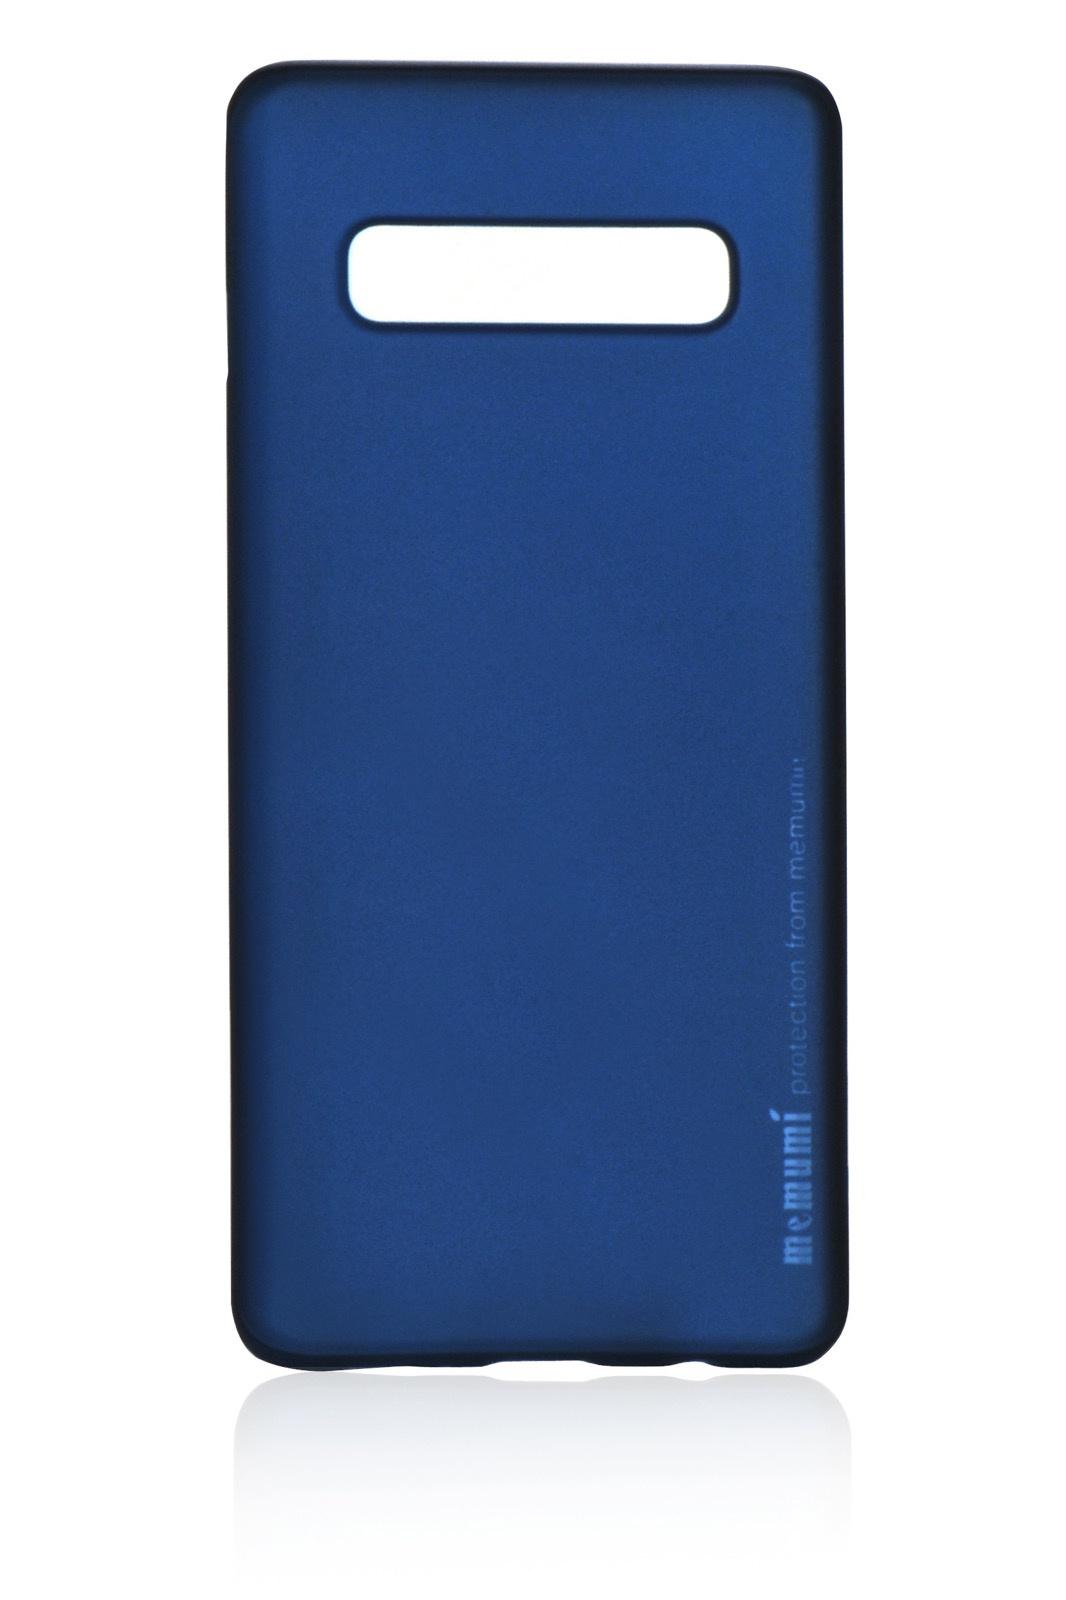 Чехол для сотового телефона Memumi Ultra Slim Premium 908199 пластик 0.3 mm для Samsung Galaxy S10 Plus, синий